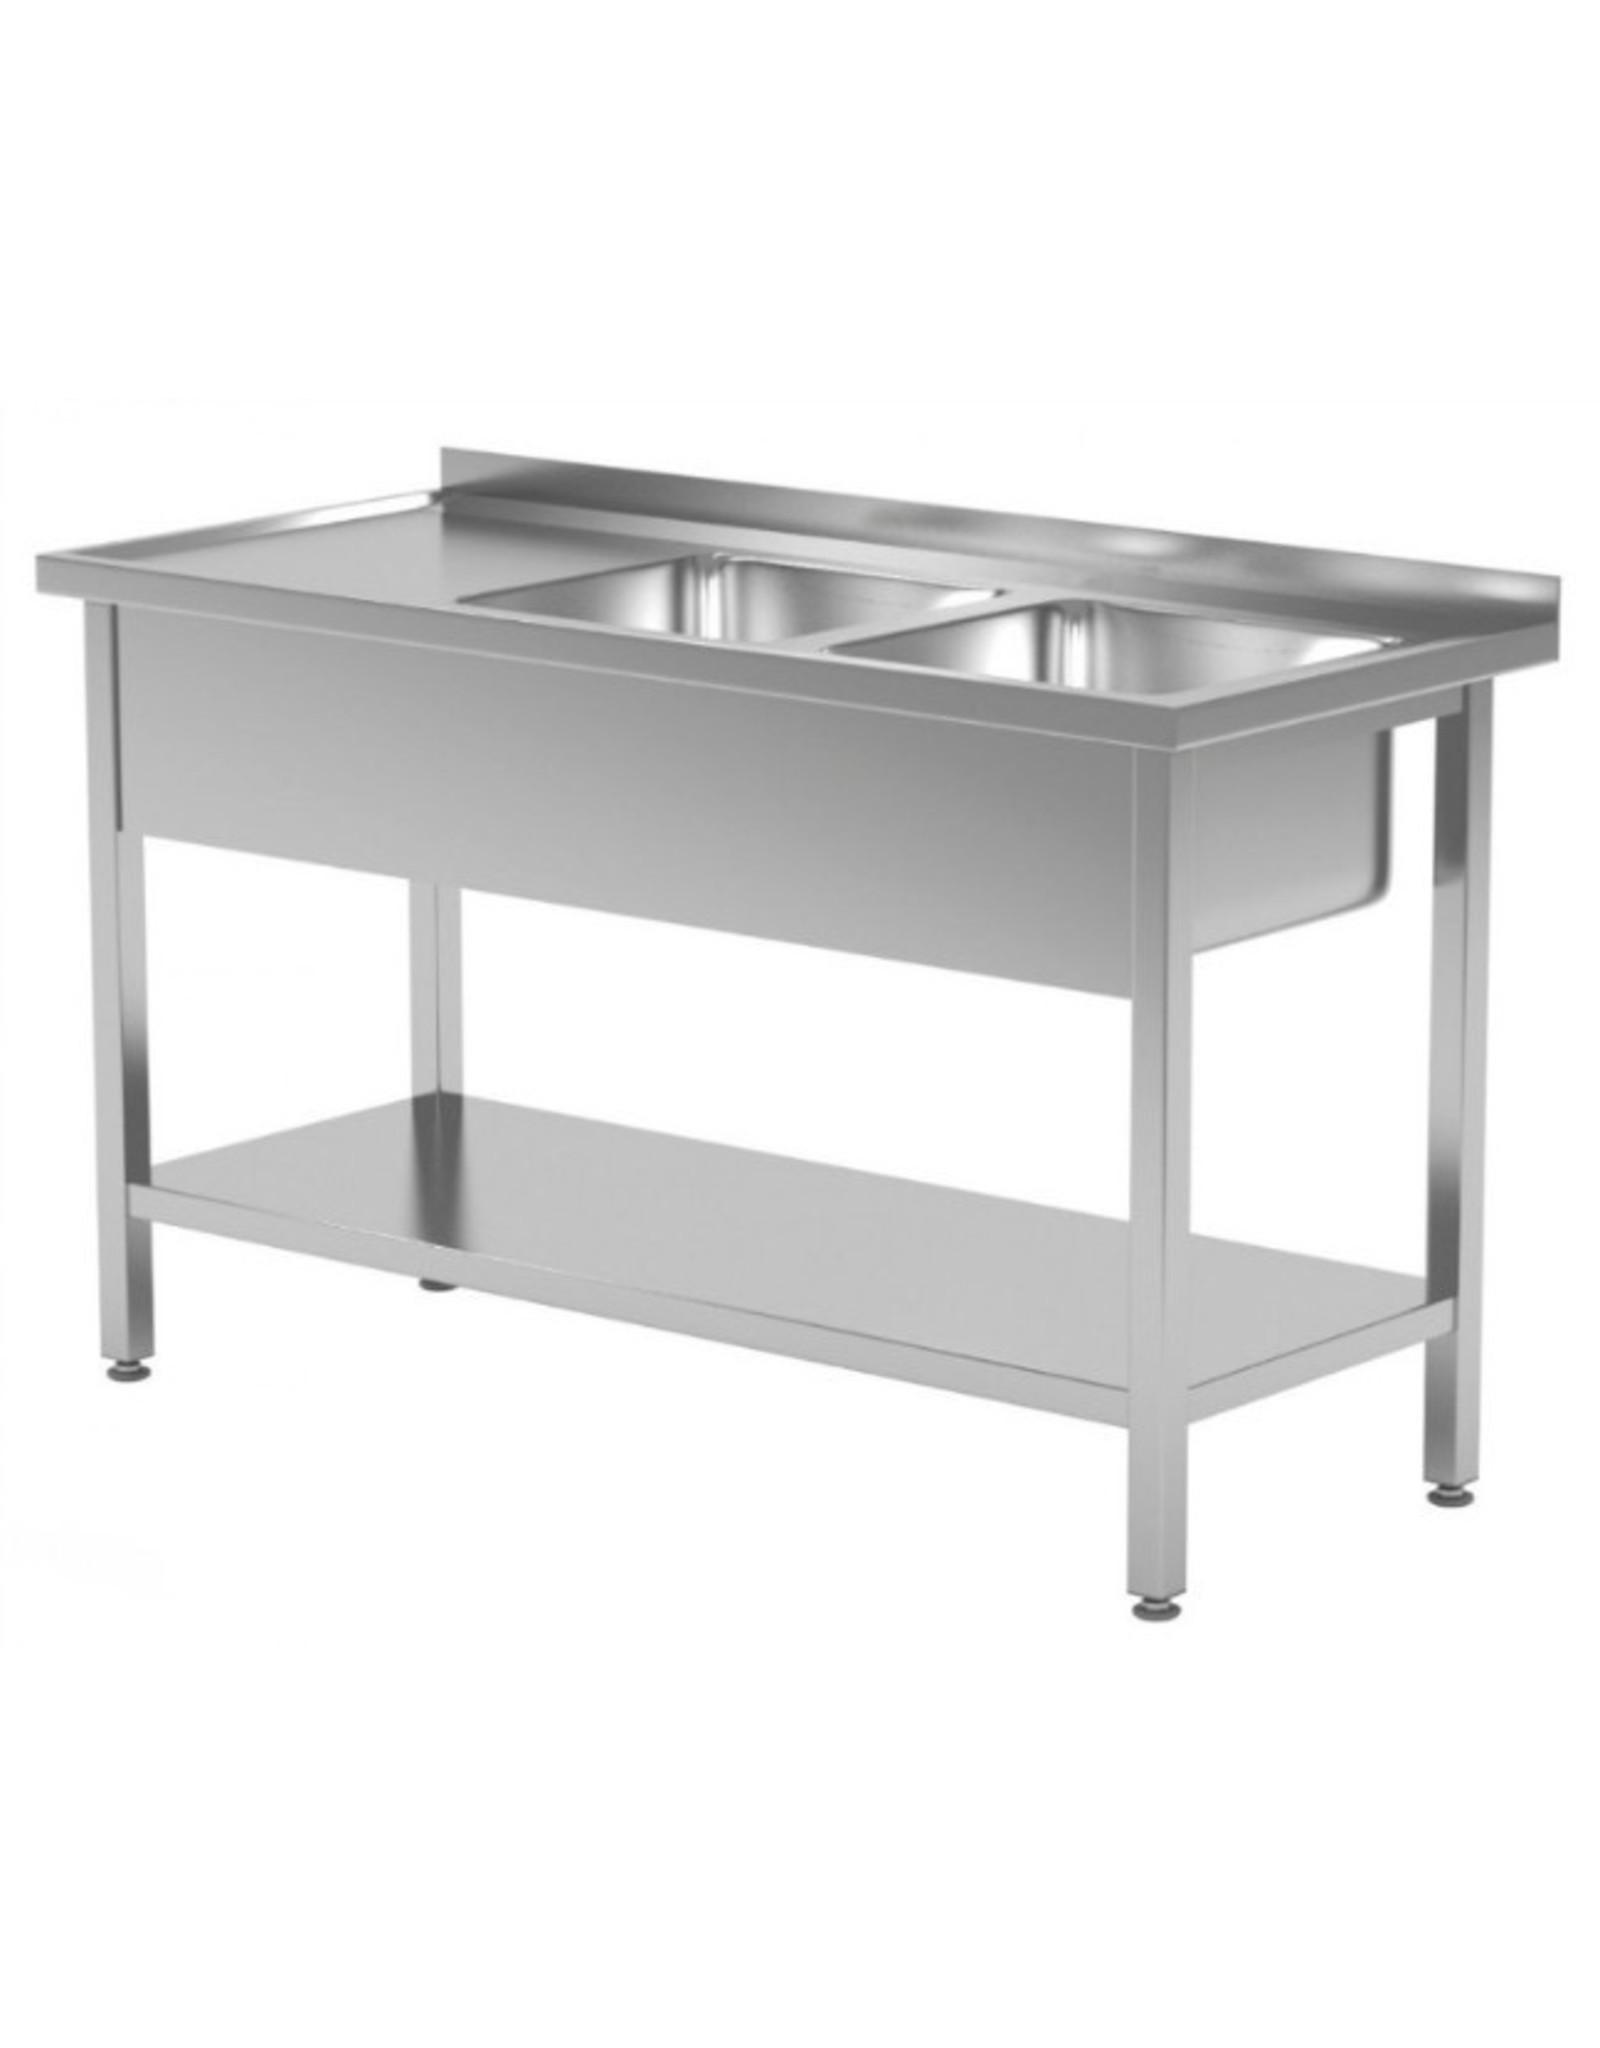 Spoeltafel | met onderplank | 2 spoelbakken rechts | 1100-1900mm breed | 600 of 700mm diep